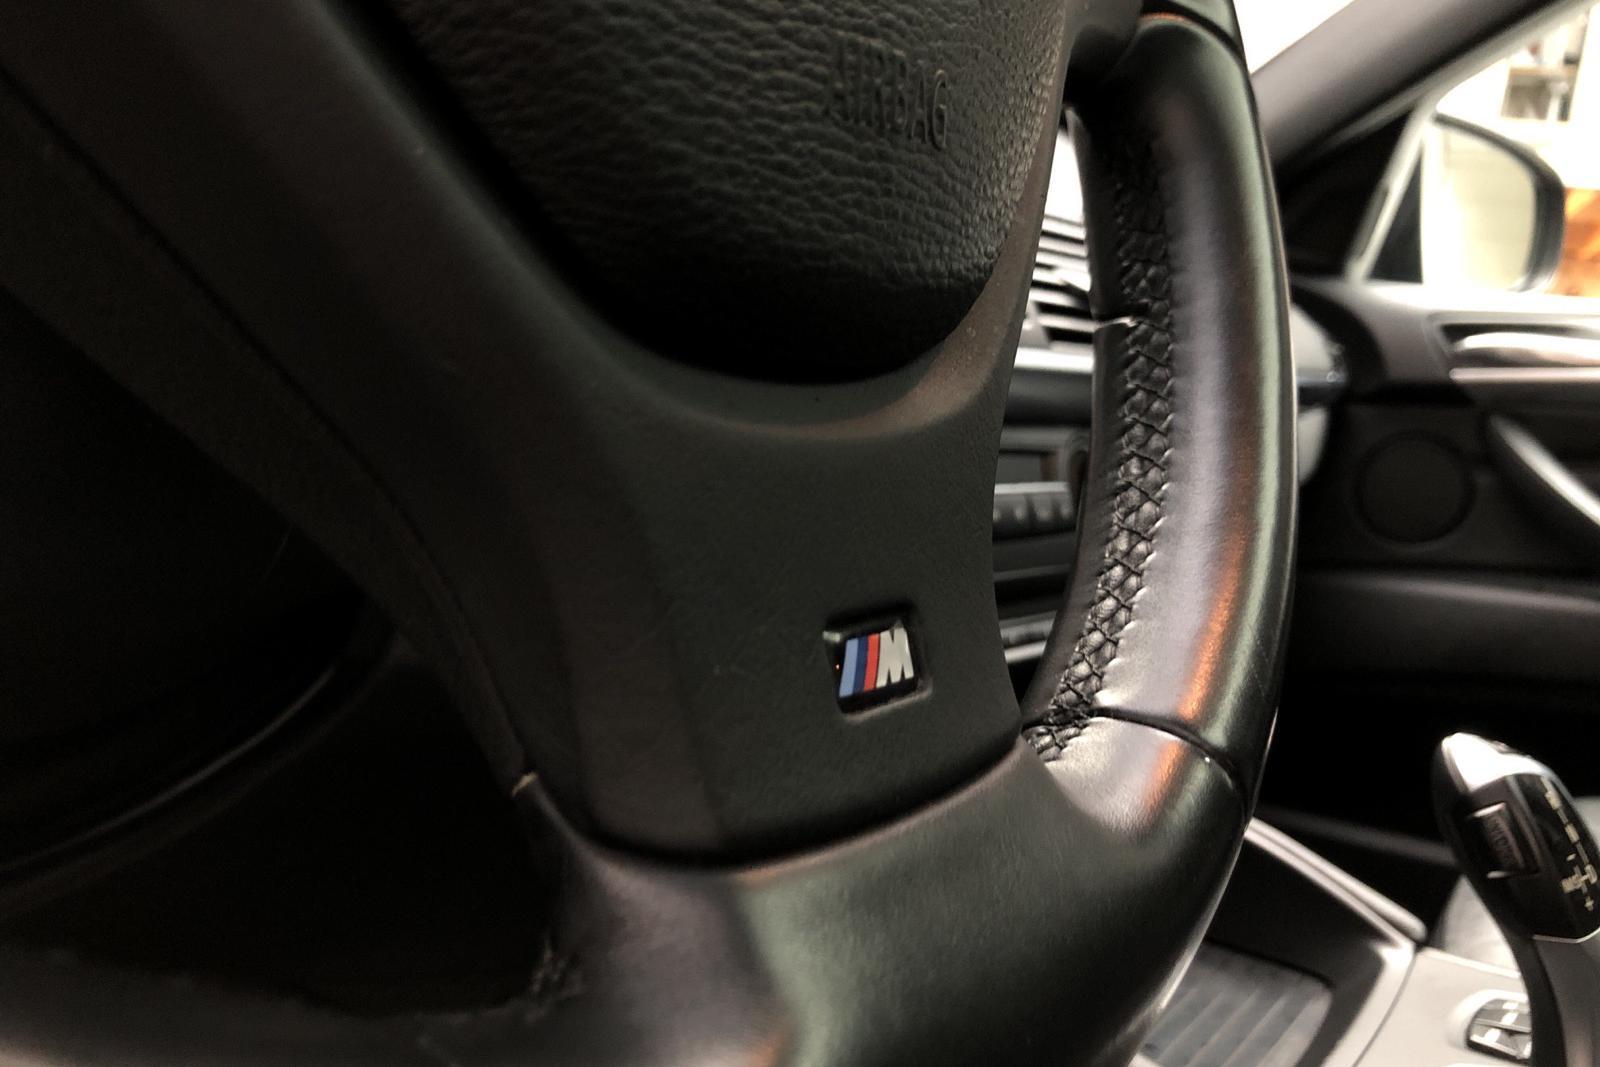 BMW X6 xDrive 40d, E71 (306hk) - 12 873 mil - Automat - svart - 2014